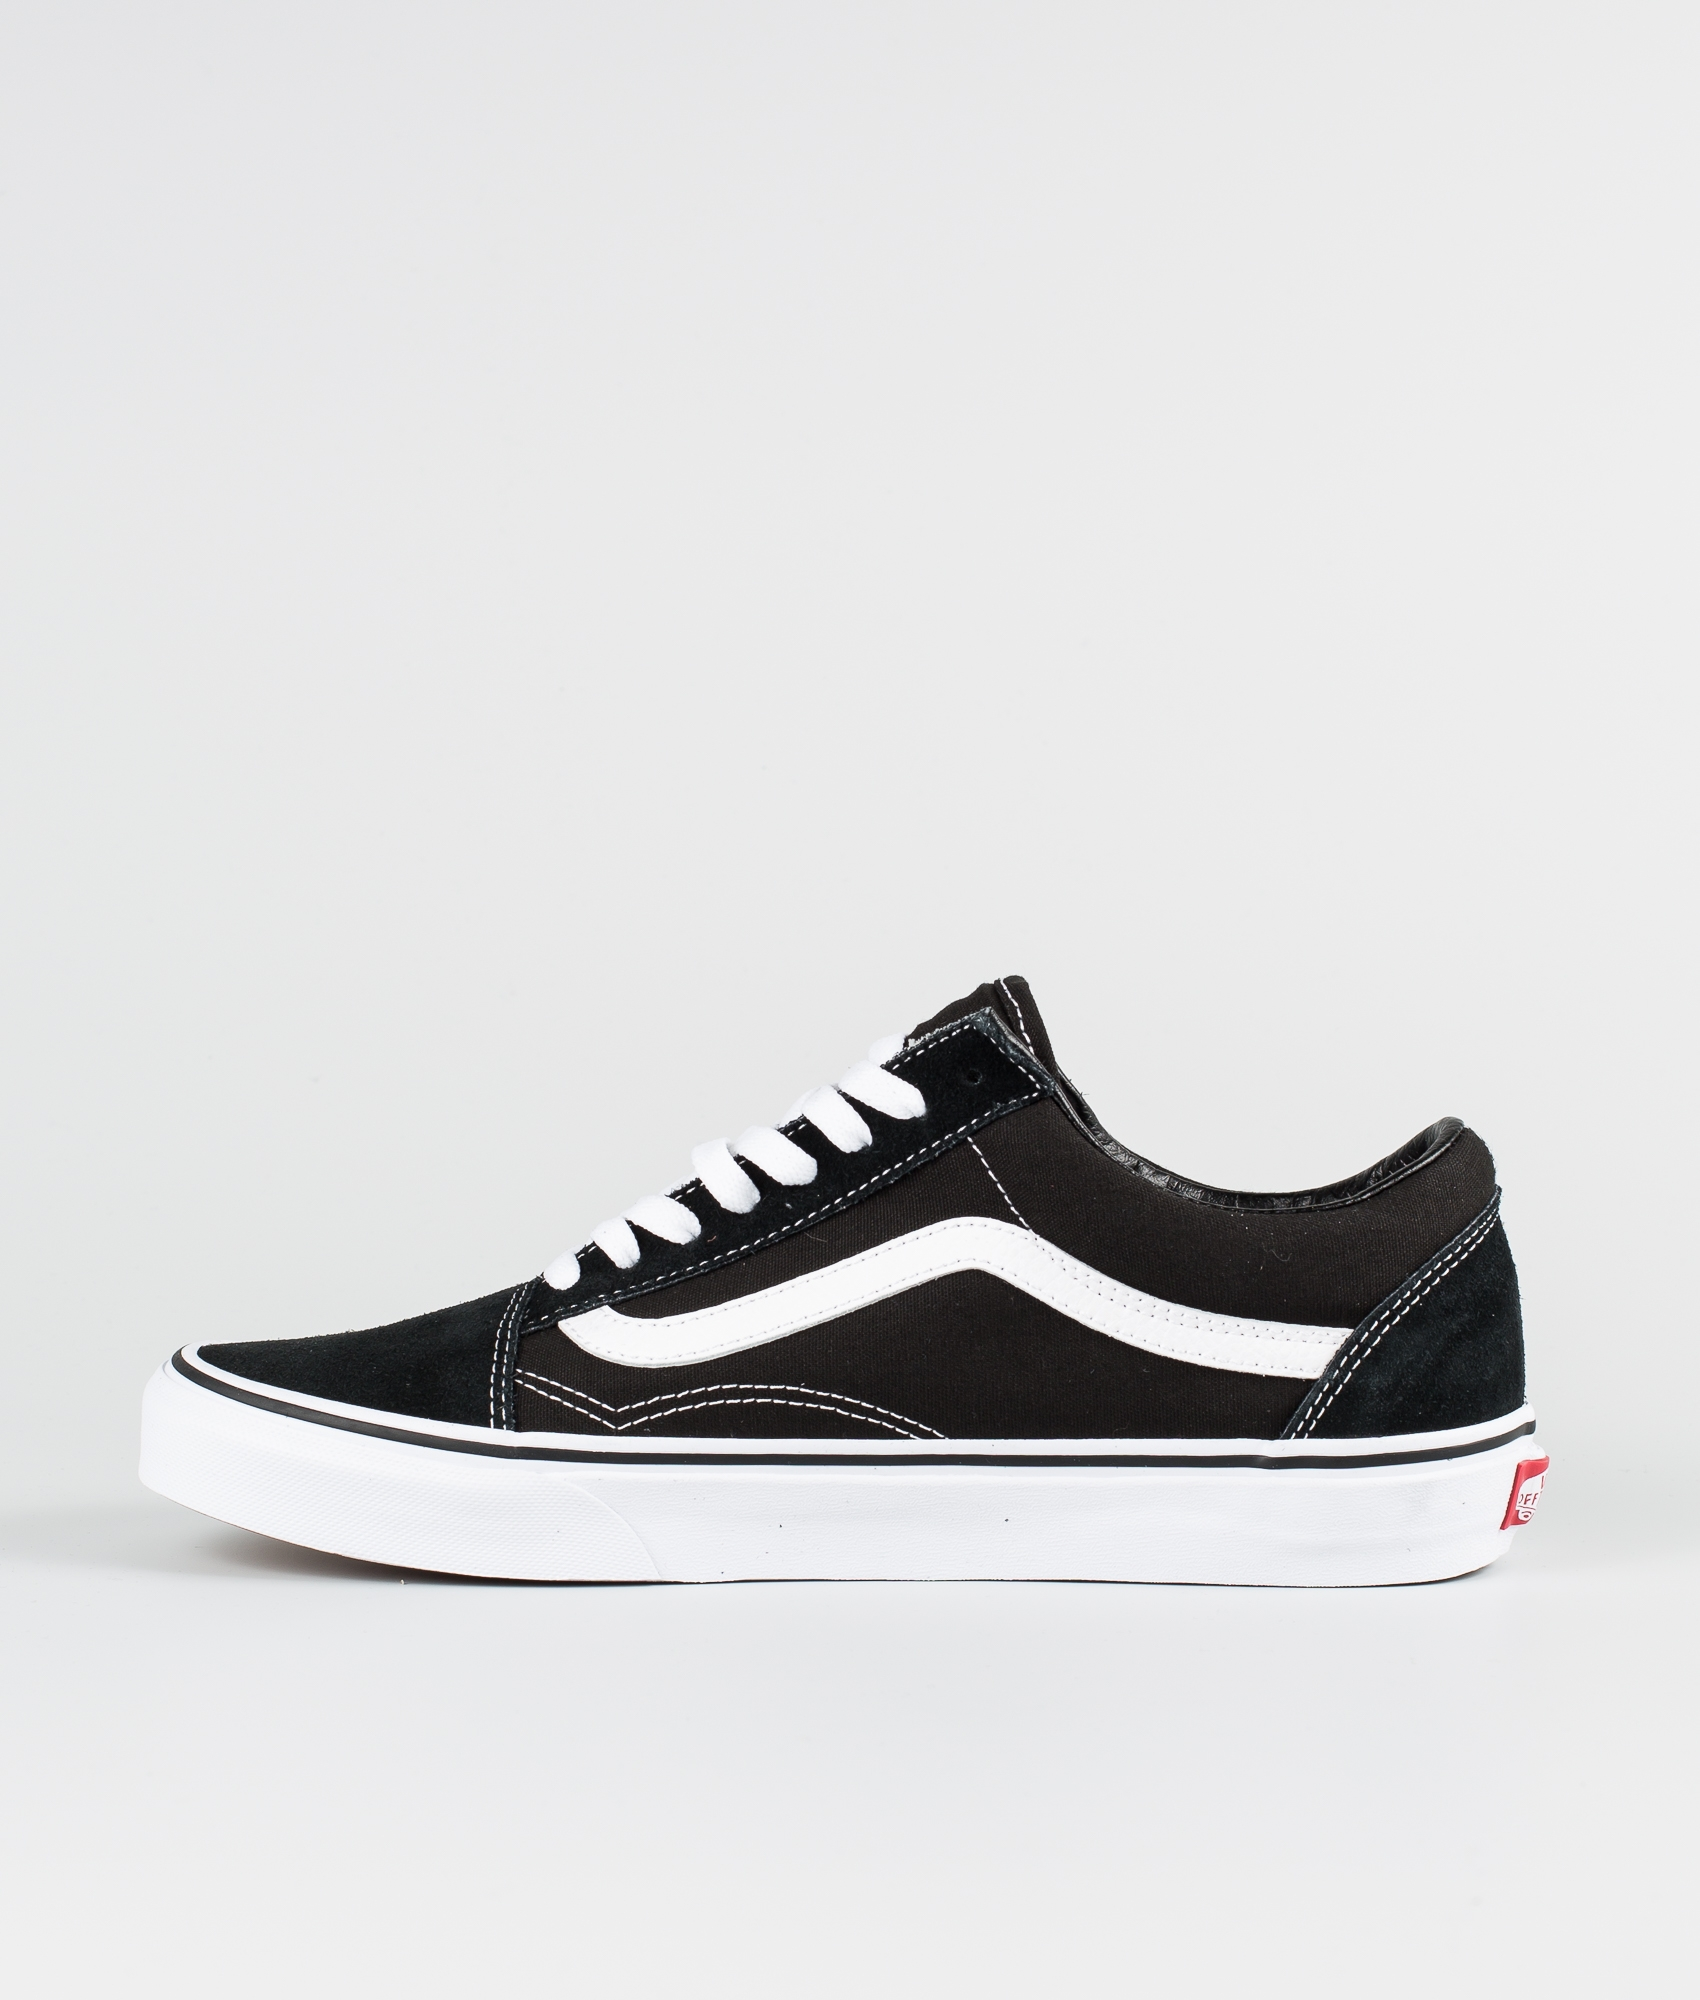 Vans Old Skool Shoes Black/White